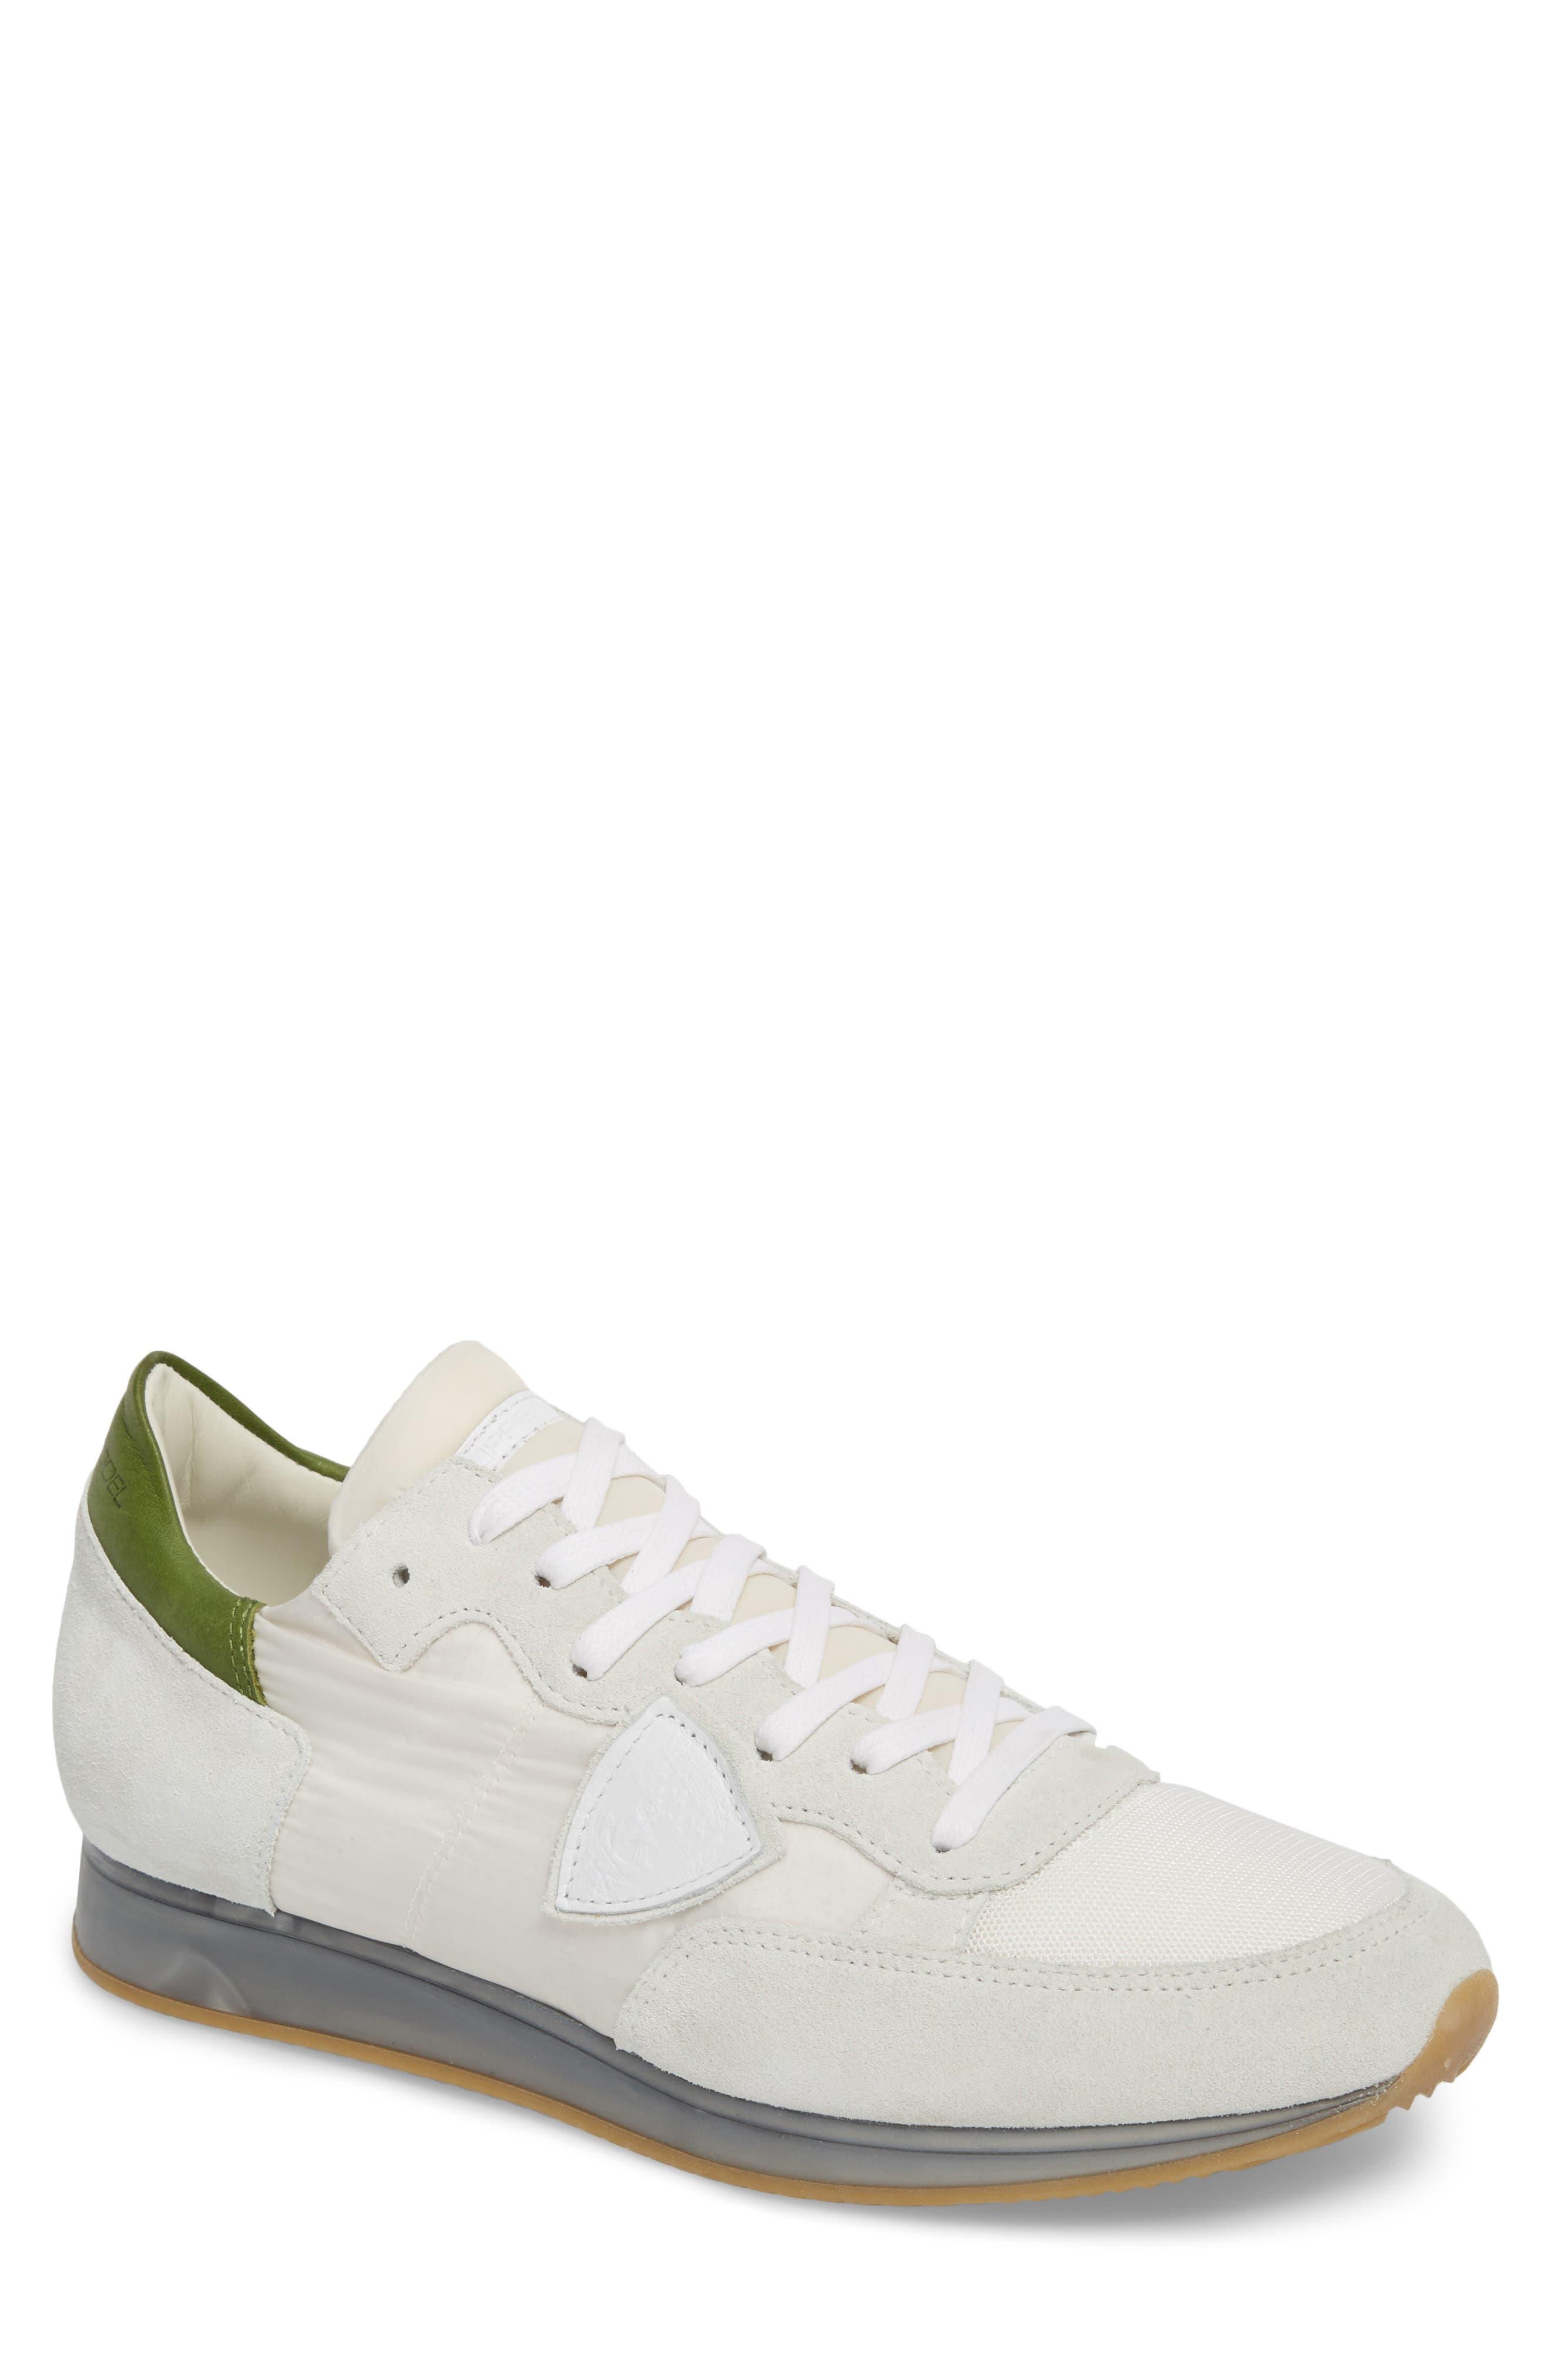 Tropez Sneaker,                             Main thumbnail 1, color,                             White/ Green